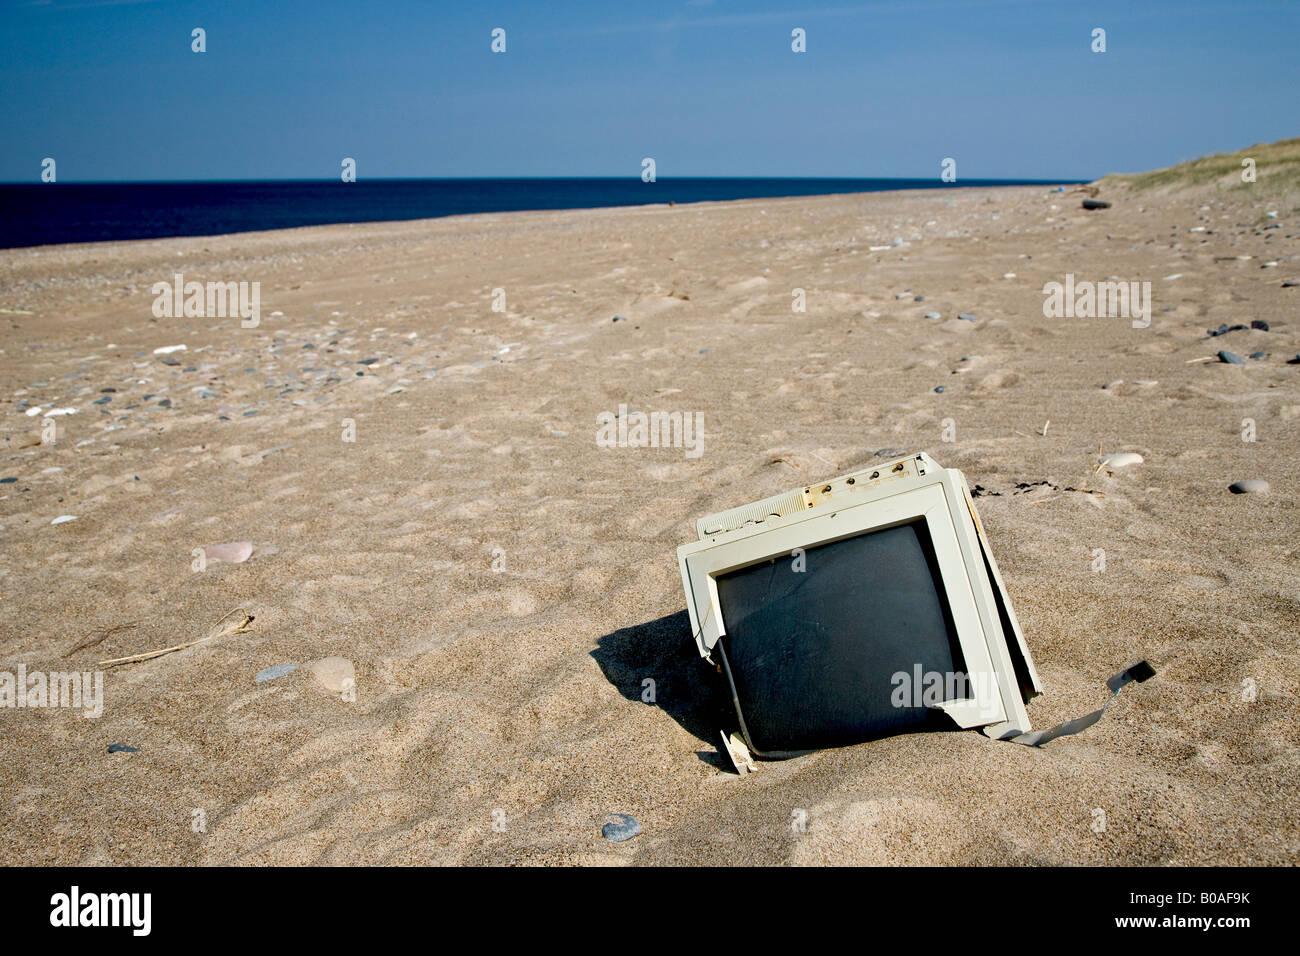 Rifiuti elettronici sulla spiaggia Immagini Stock